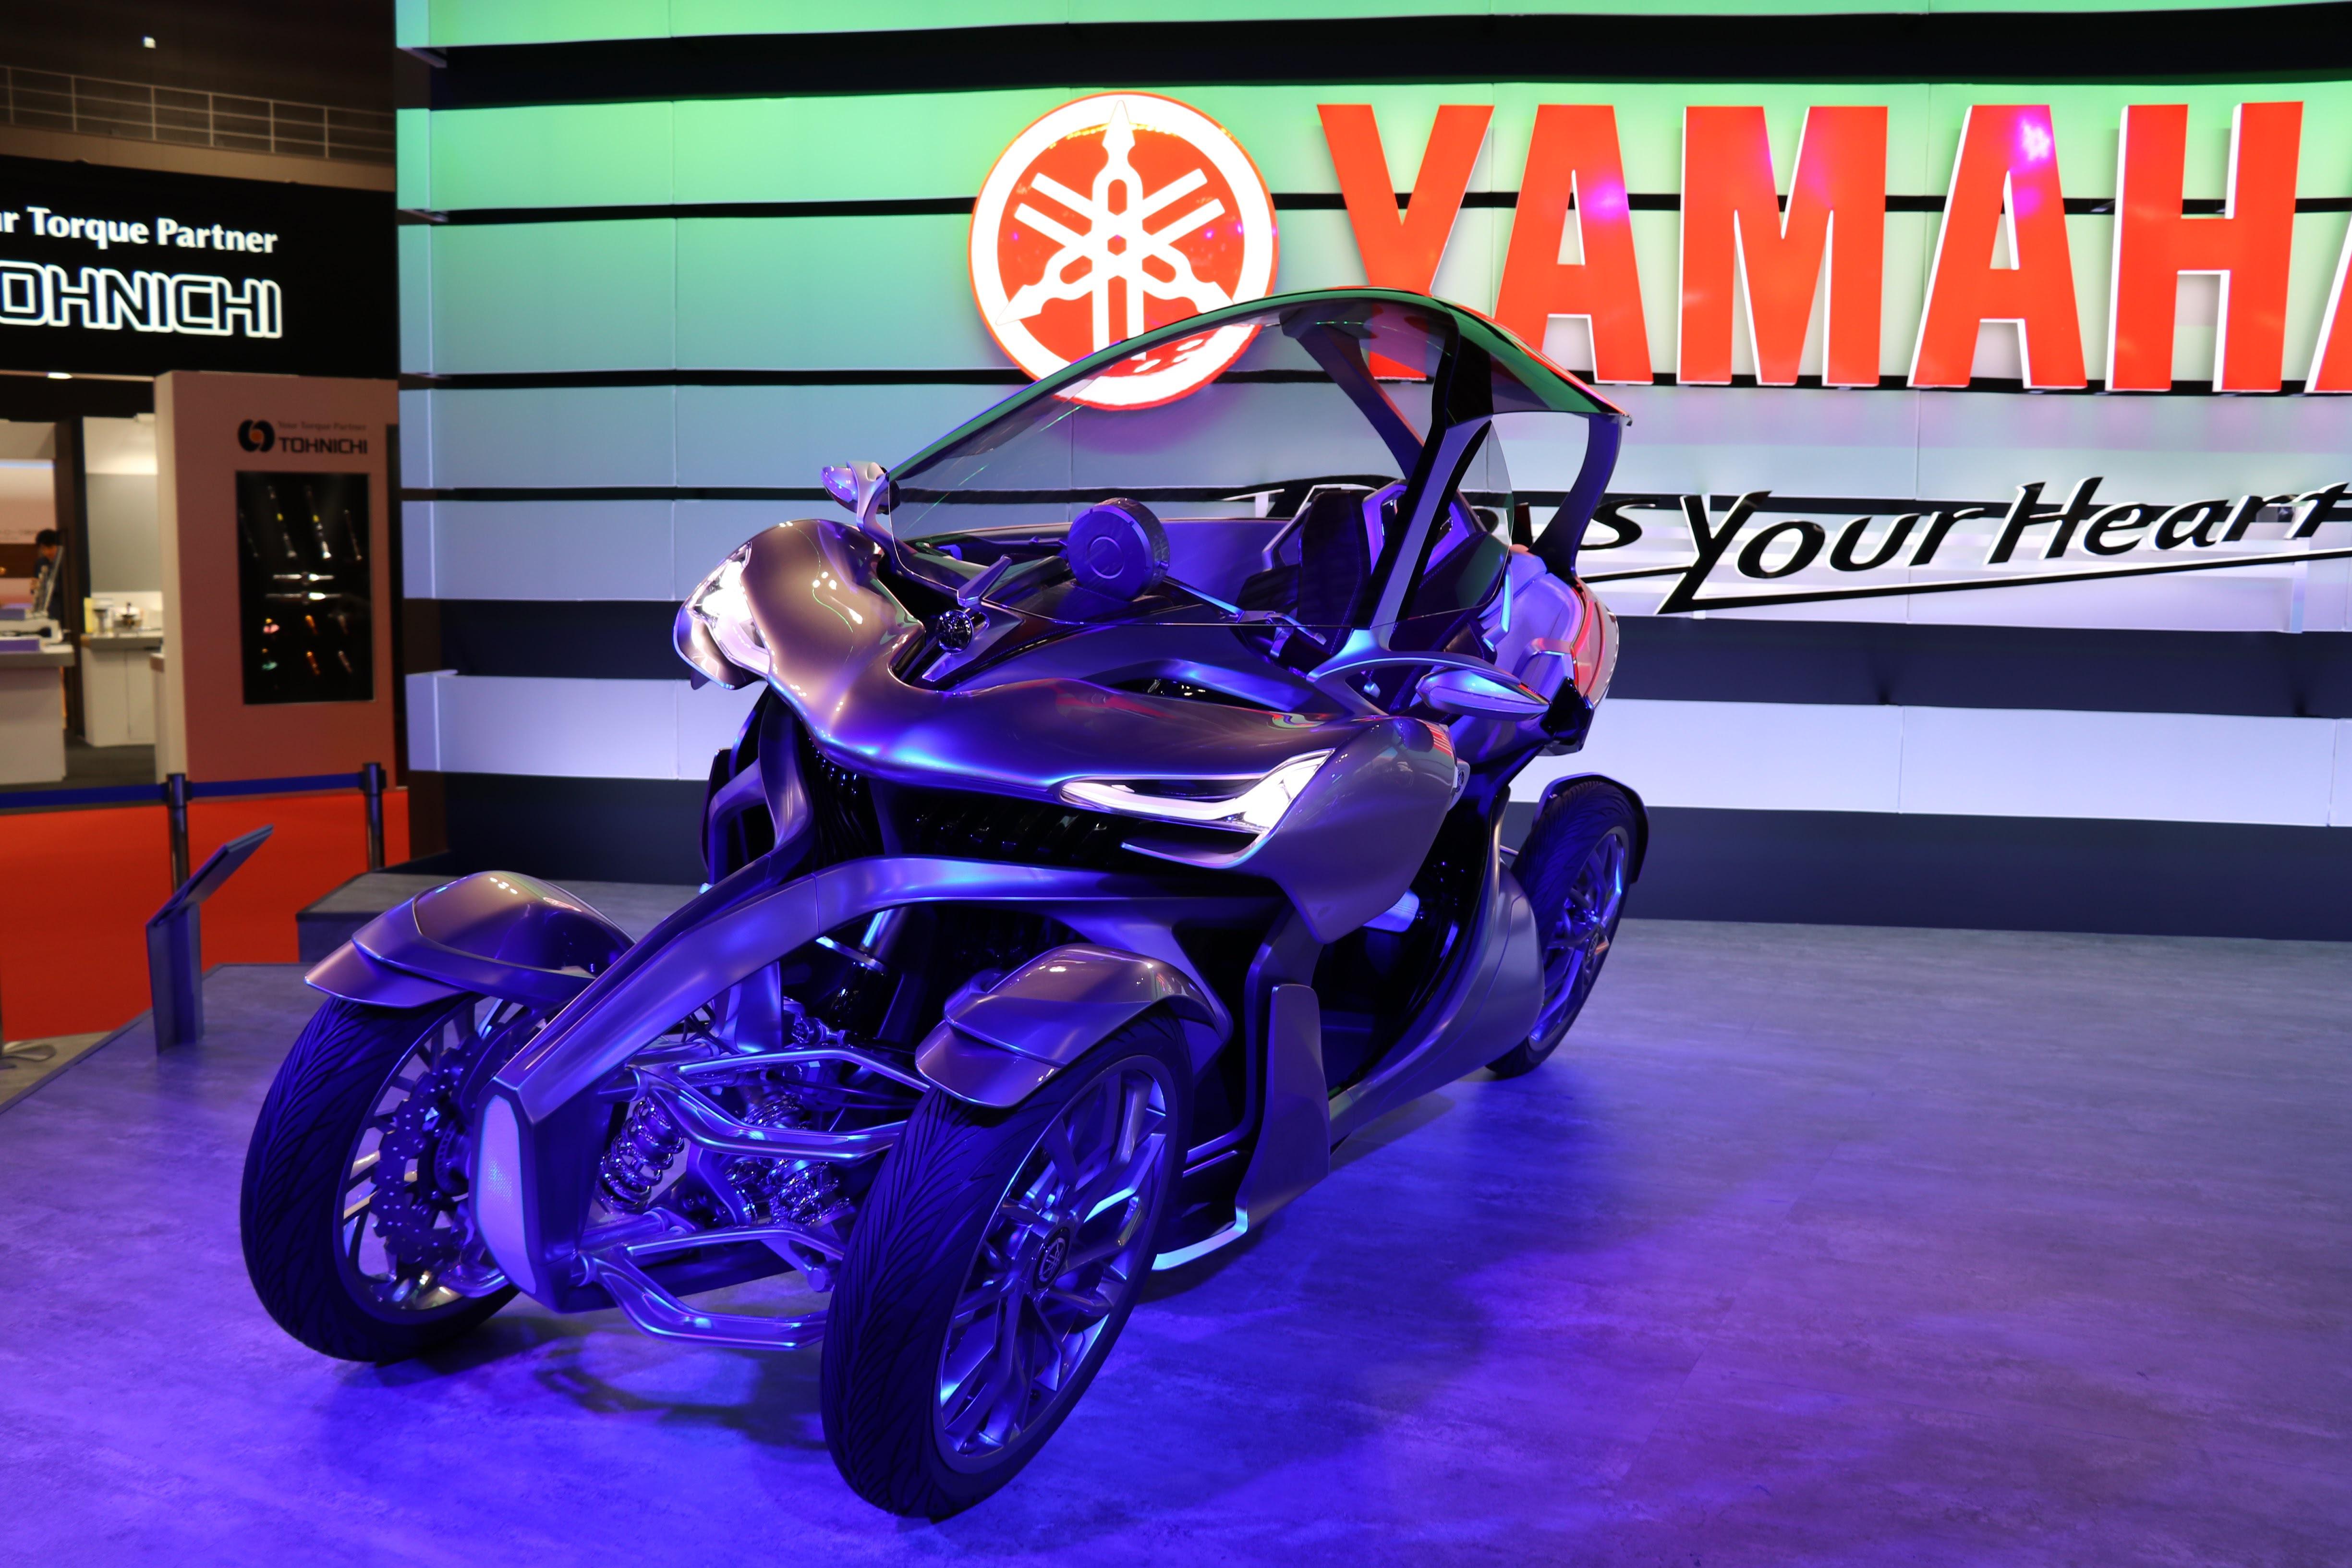 【ヤマハ、スズキ編】東京モーターショー2017に行ってきました♪ヤマハの4輪モデル「CROSS HUB CONCEPT」、ハスラーをワイド化したスズキ「XBEE(クロスビー)」写真&インプレ・レポートvol.11